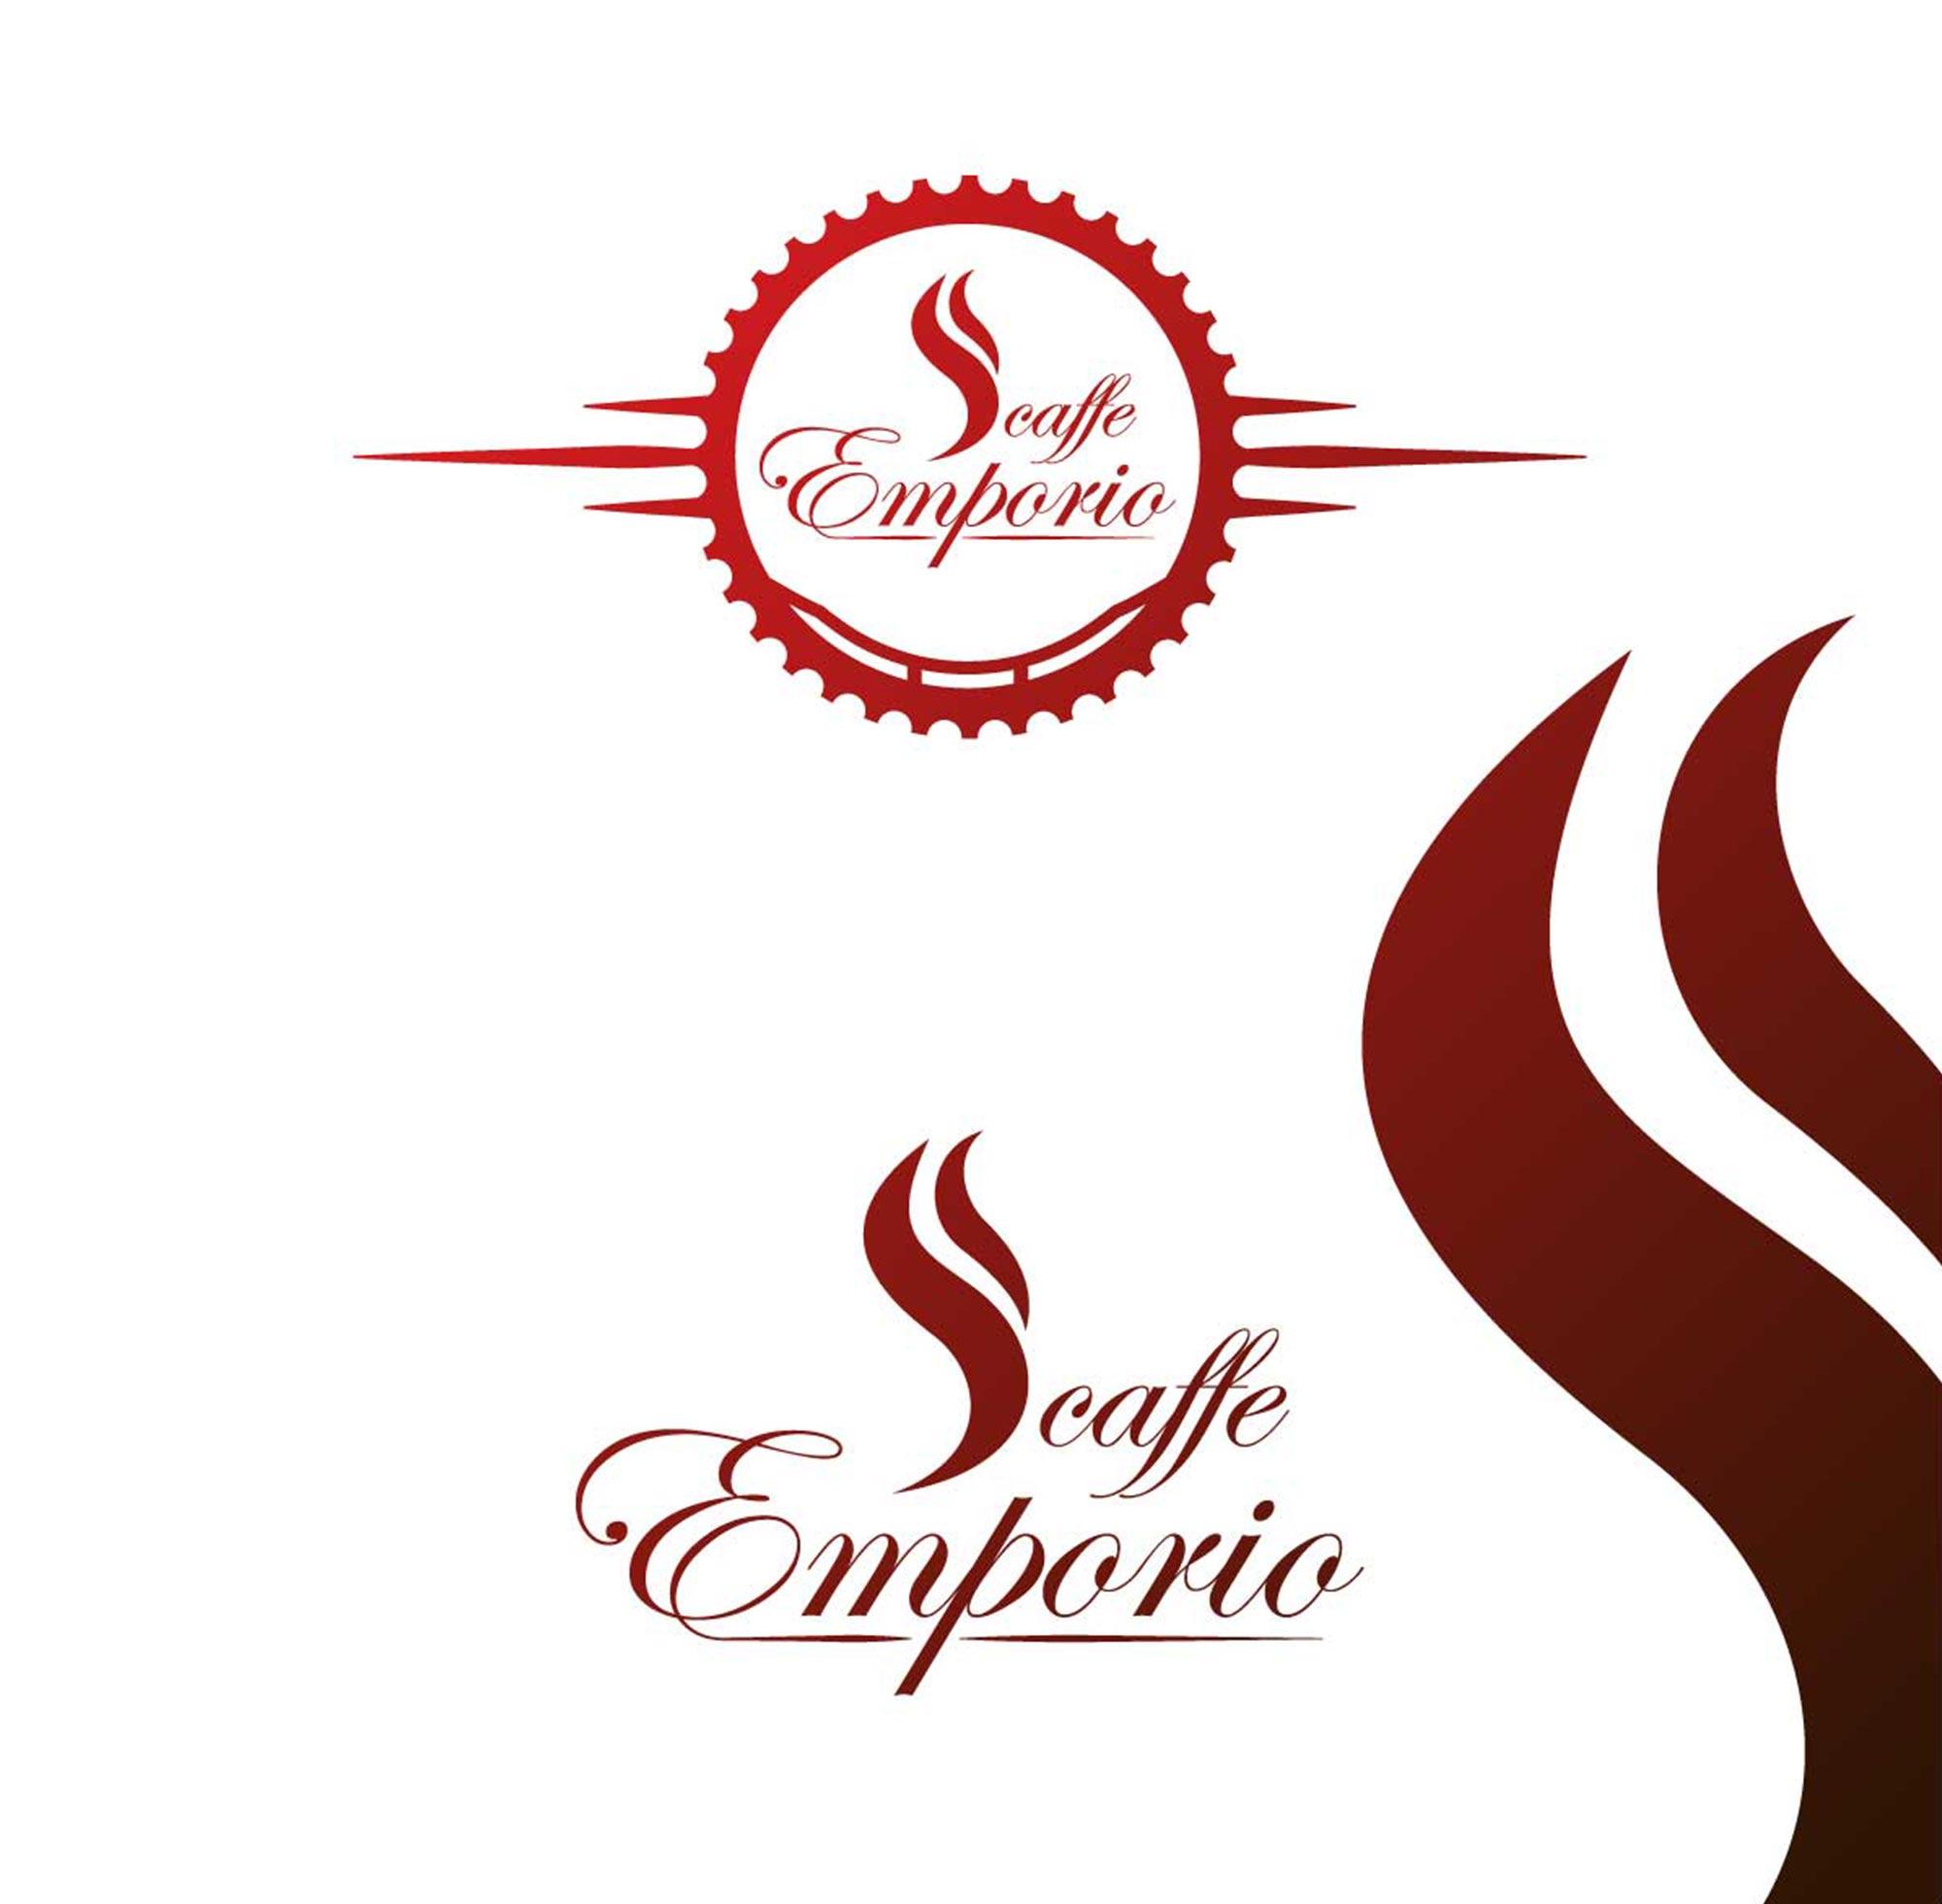 emporio-LOGssO-logo 1